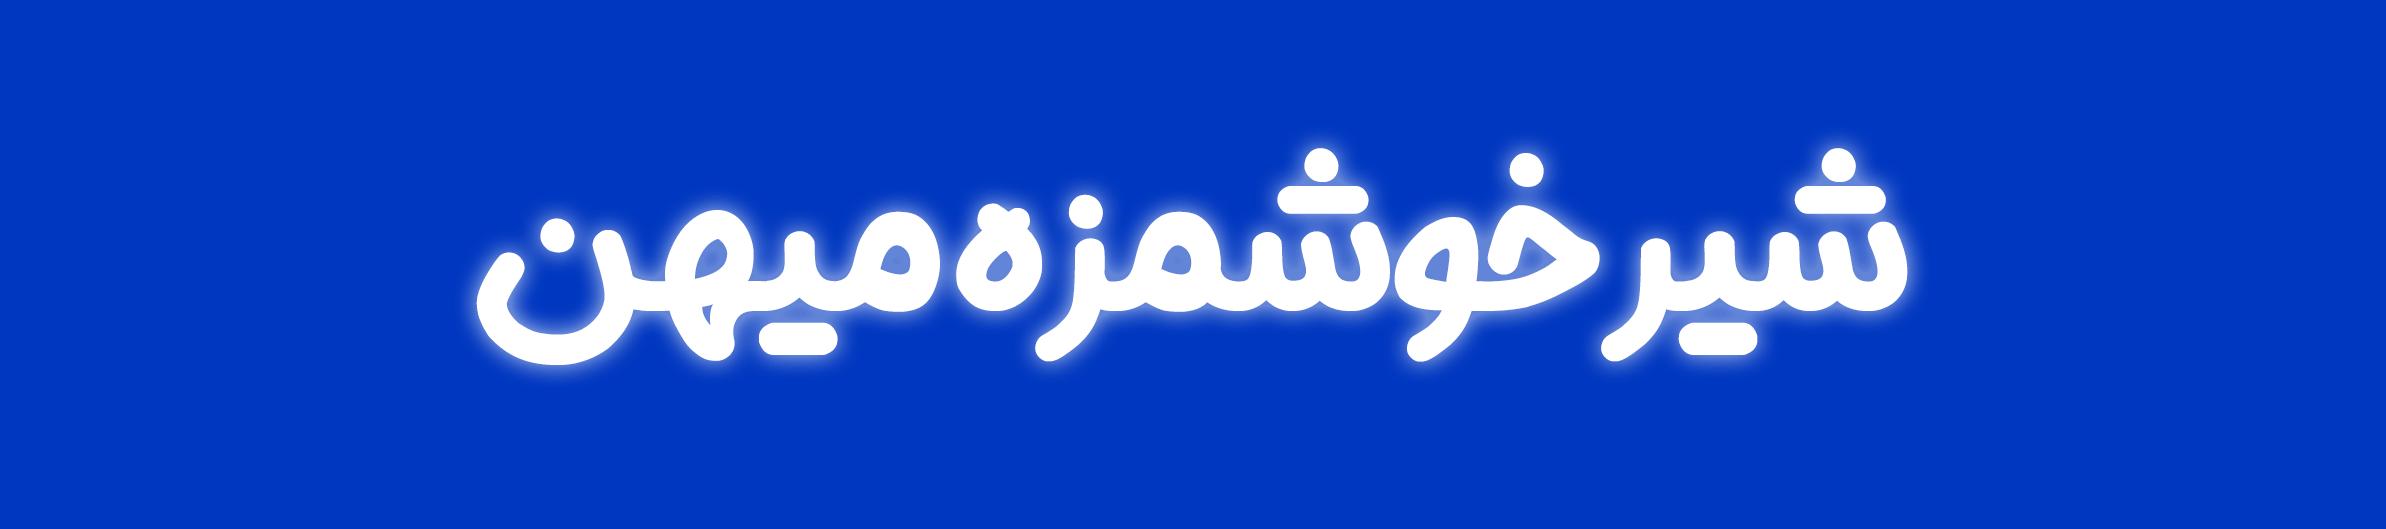 دانلود فونت فارسی میهن